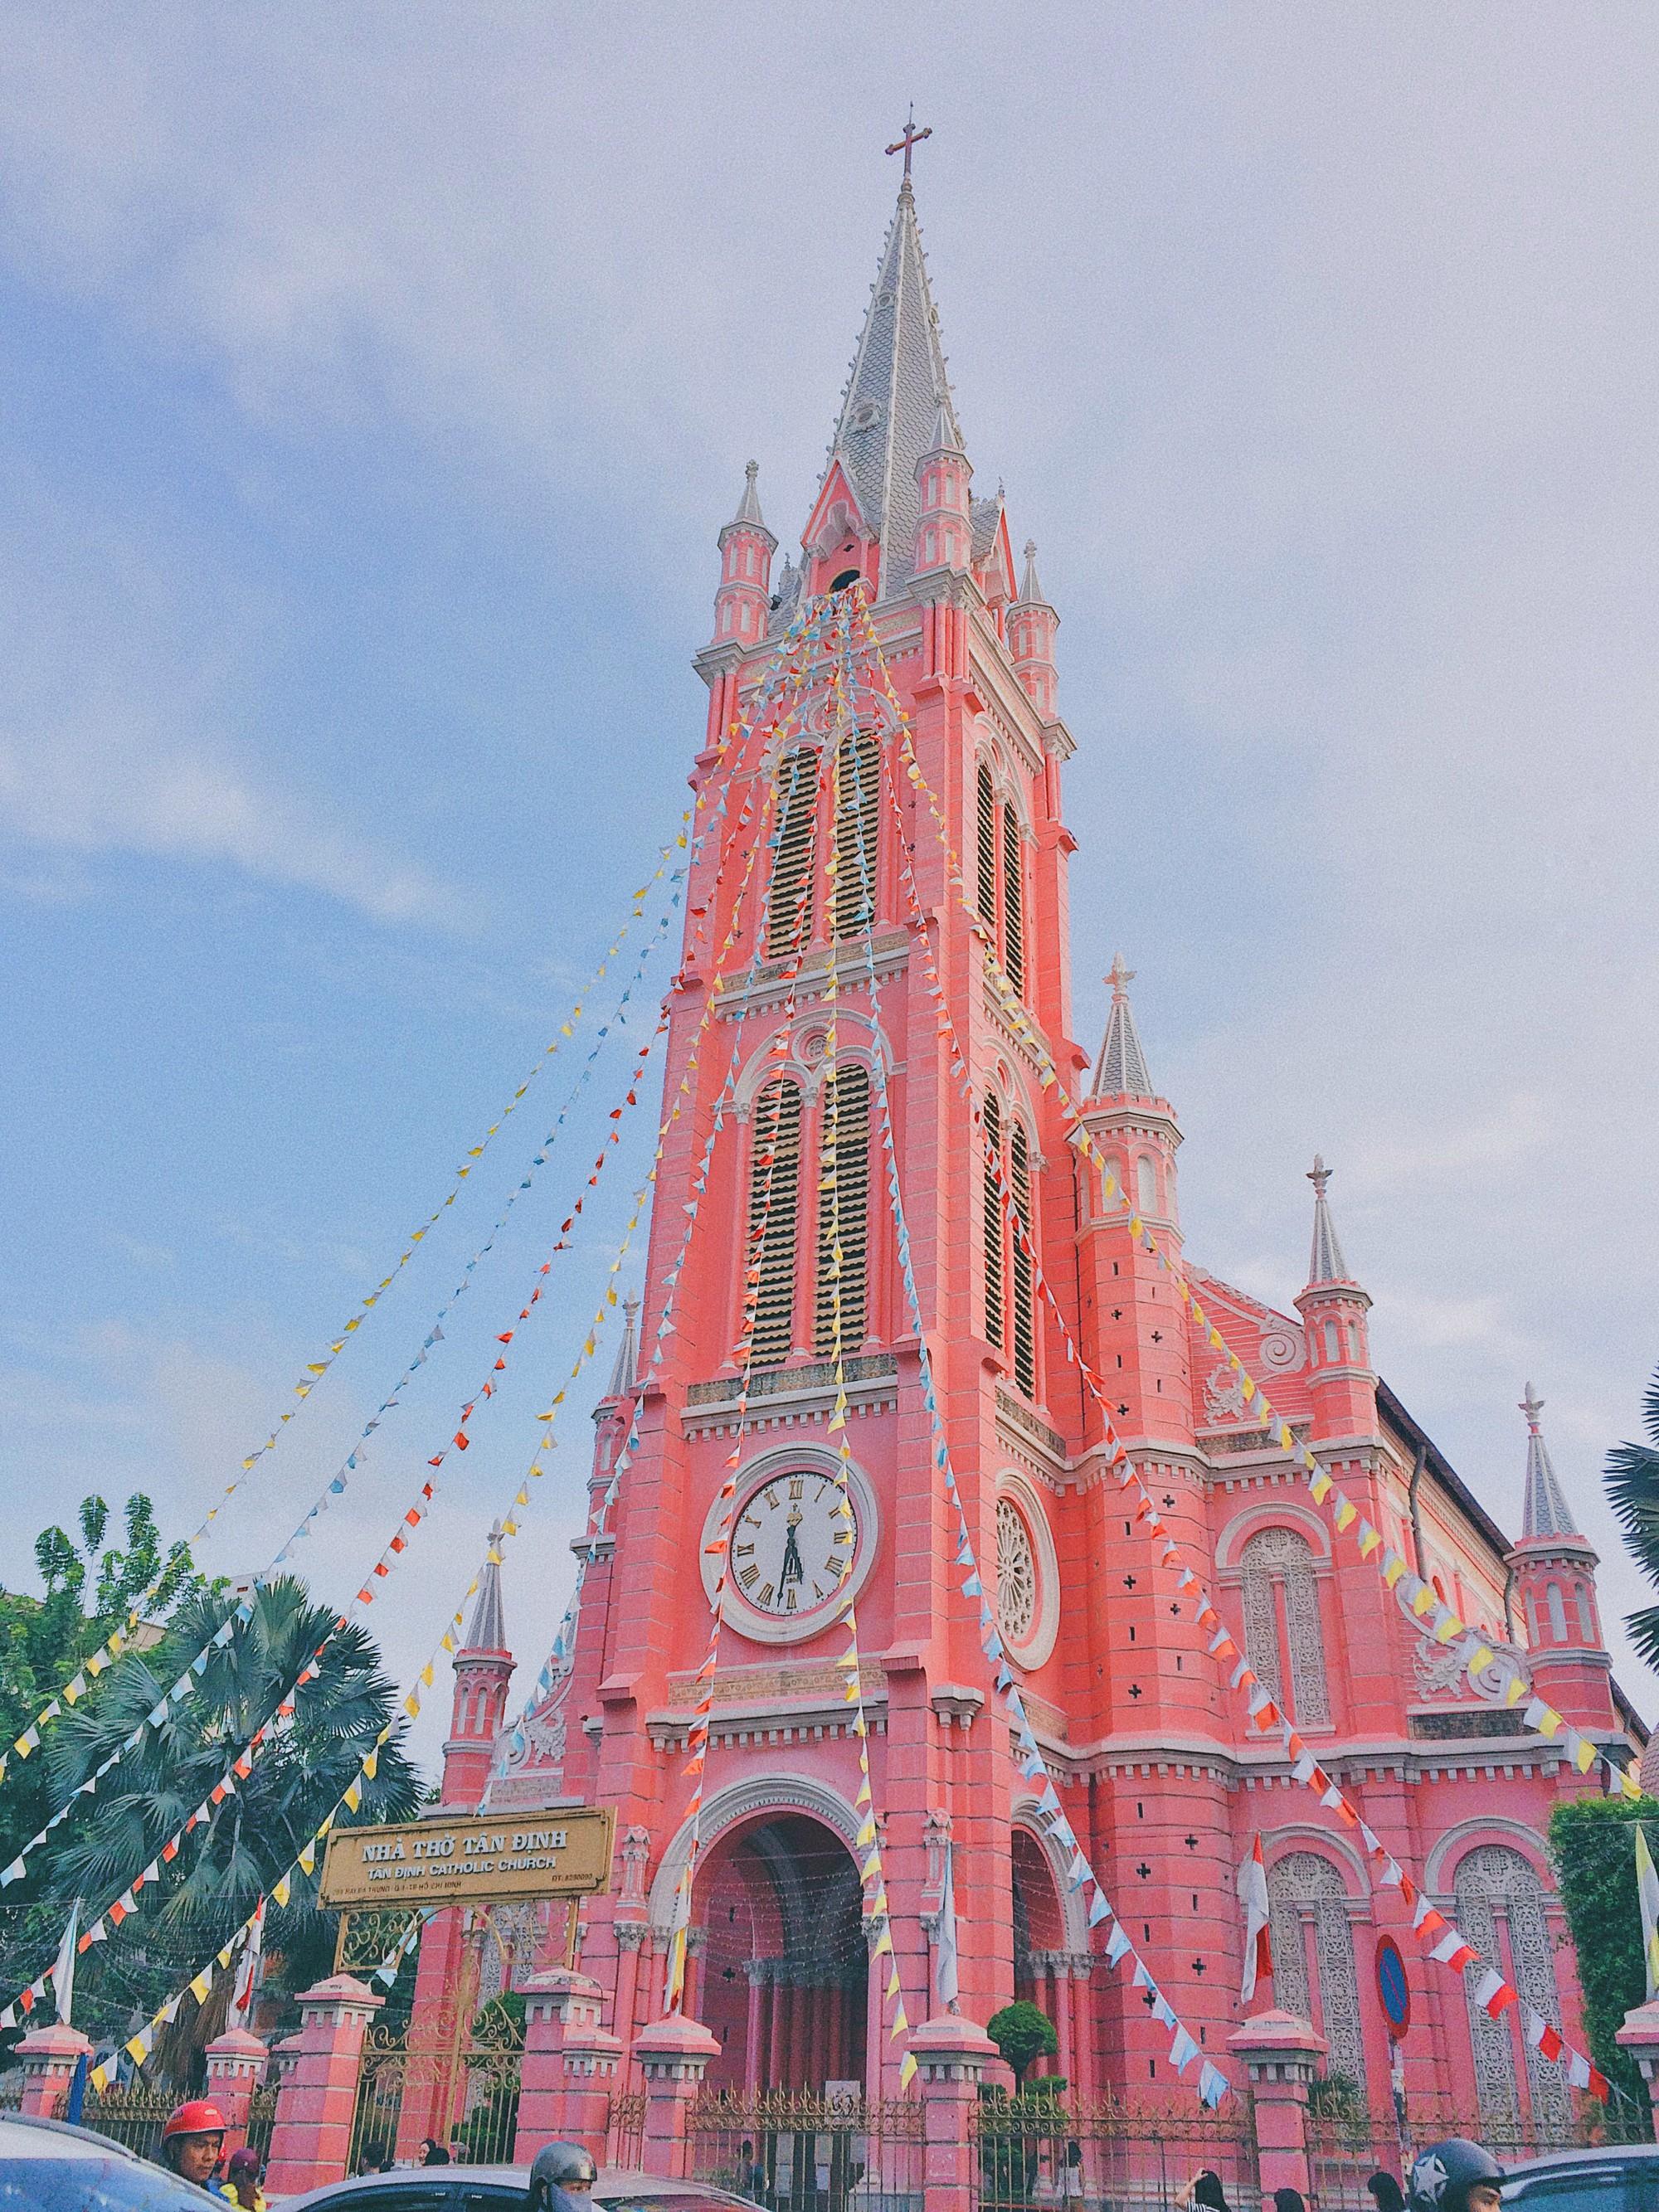 Vẻ đẹp của nhà thờ màu hồng nằm giữa lòng Sài Gòn khiến du khách mê mẩn - Ảnh 2.